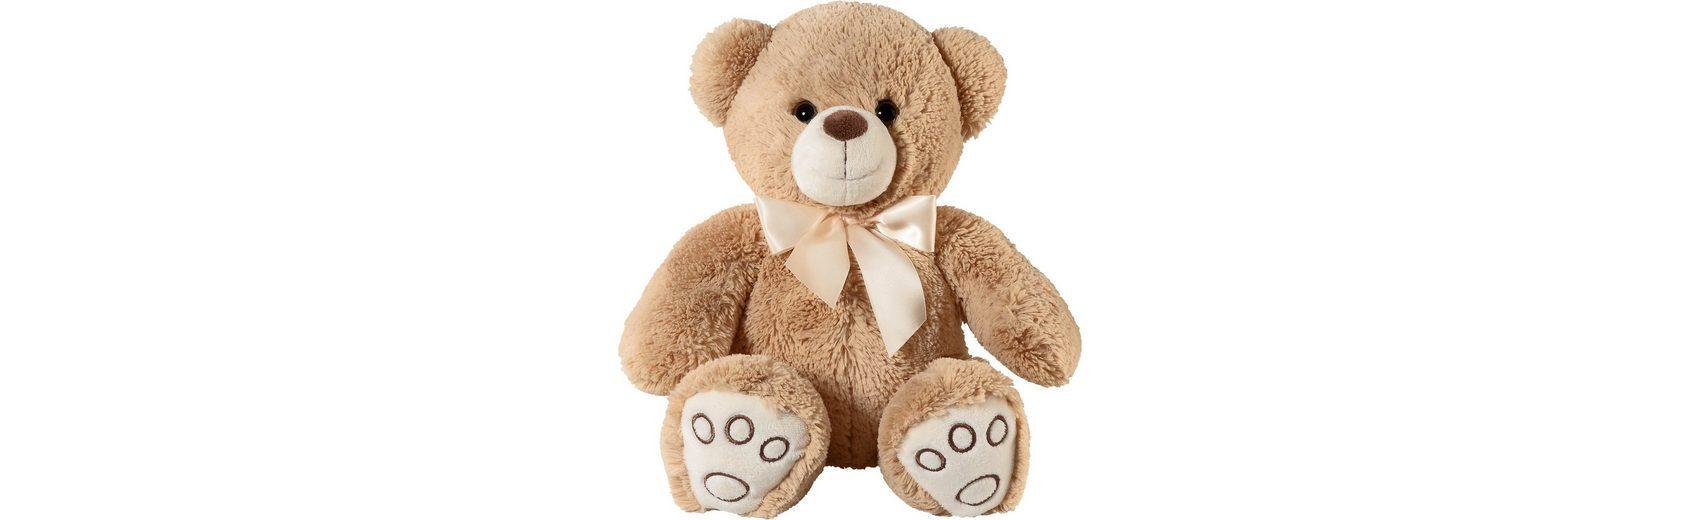 myToys Teddy hellbraun, 75cm